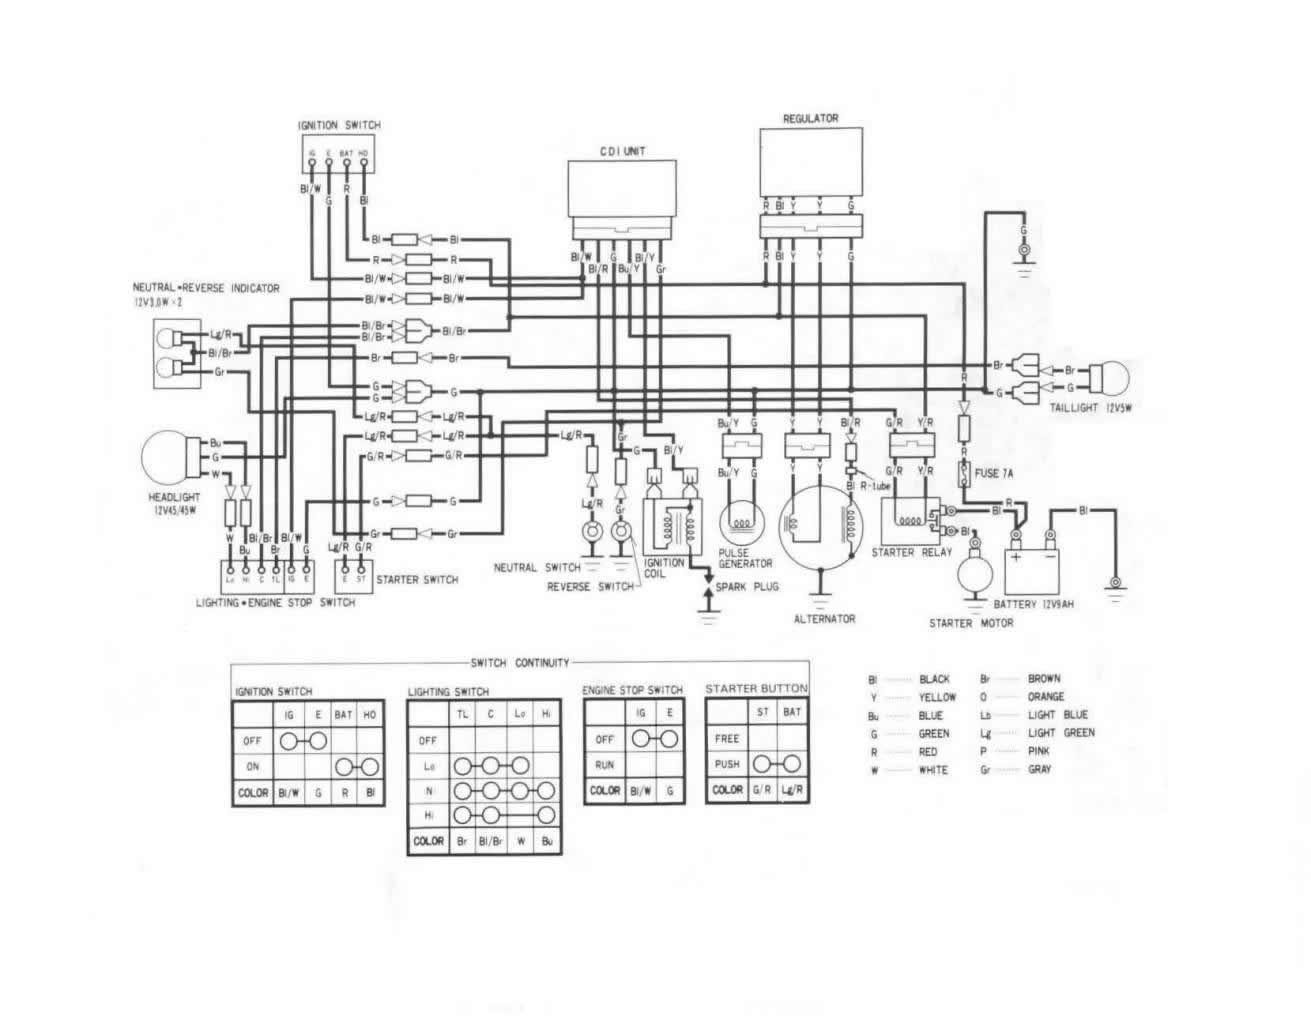 TRX125_1985_wiring?resize=665%2C515 1984 honda atc 125 wiring diagram wiring diagram,1986 Honda Trx 125 Wiring Diagram